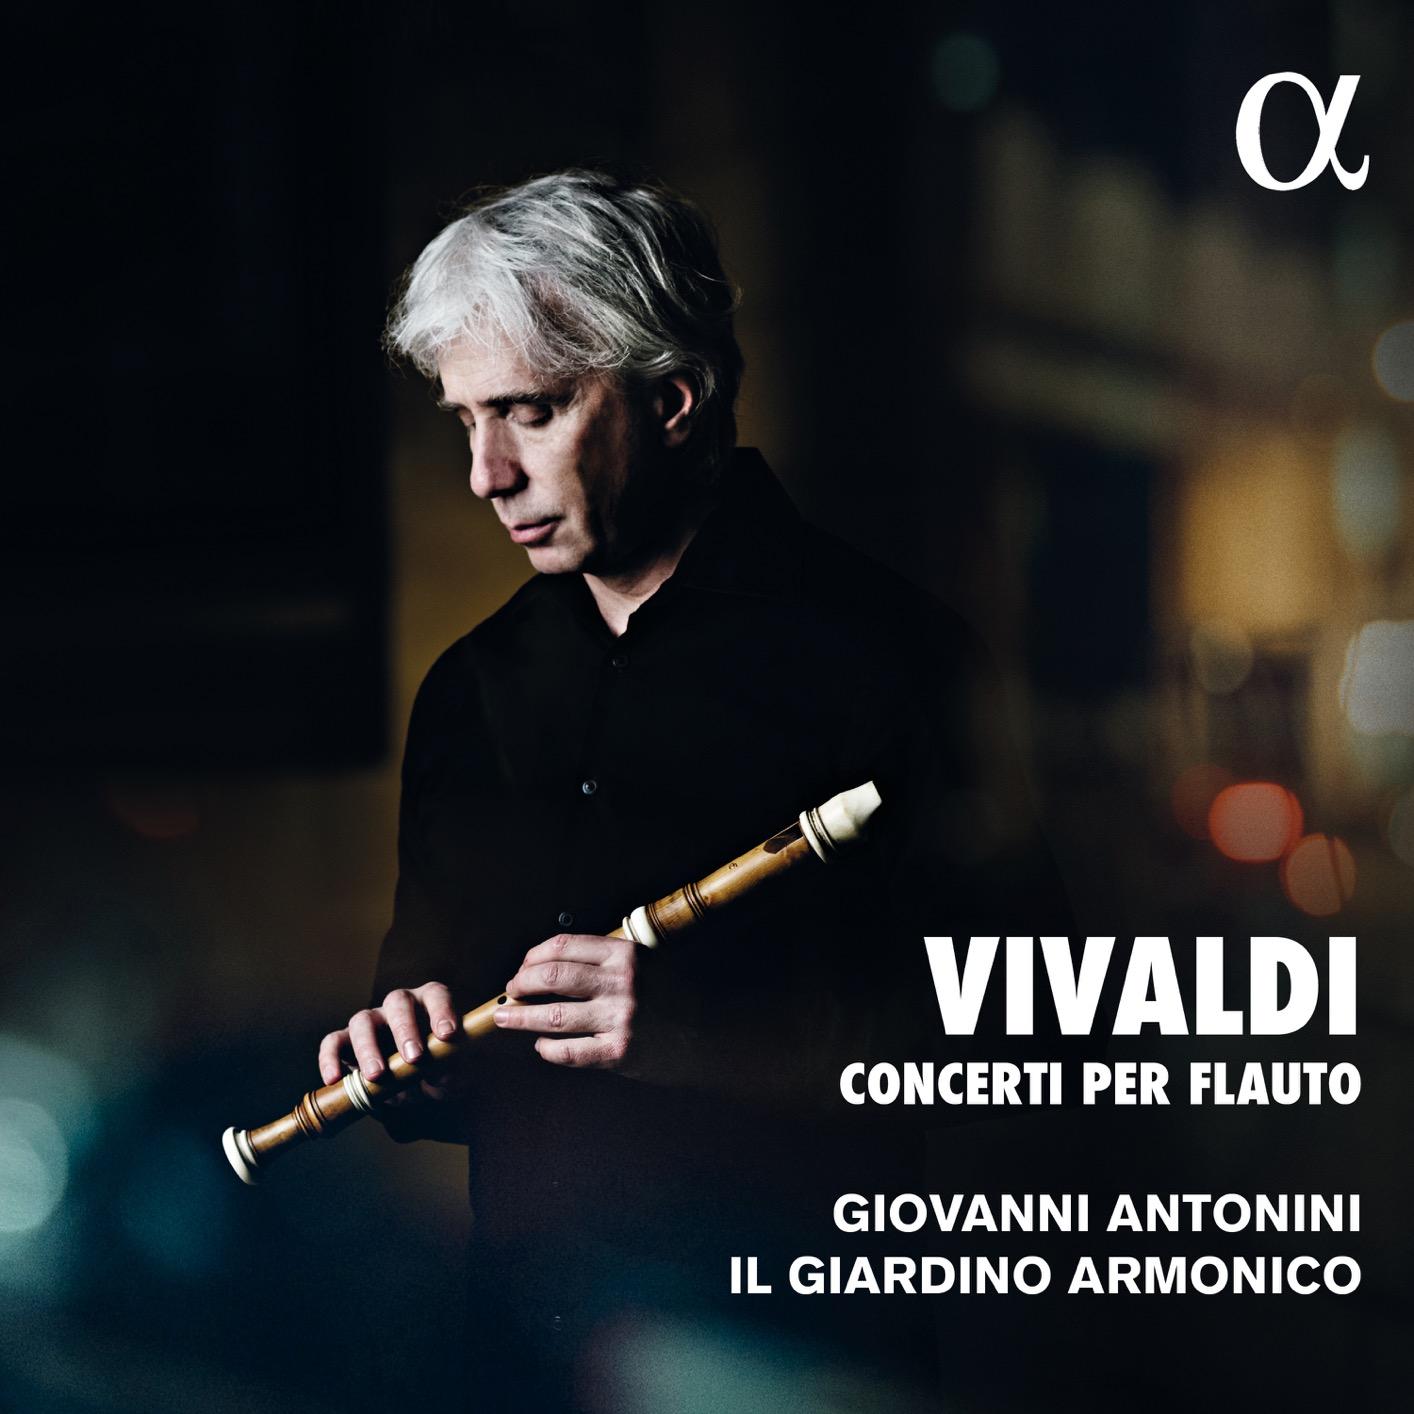 Vivaldi Concerti Per Flauto Highresaudio